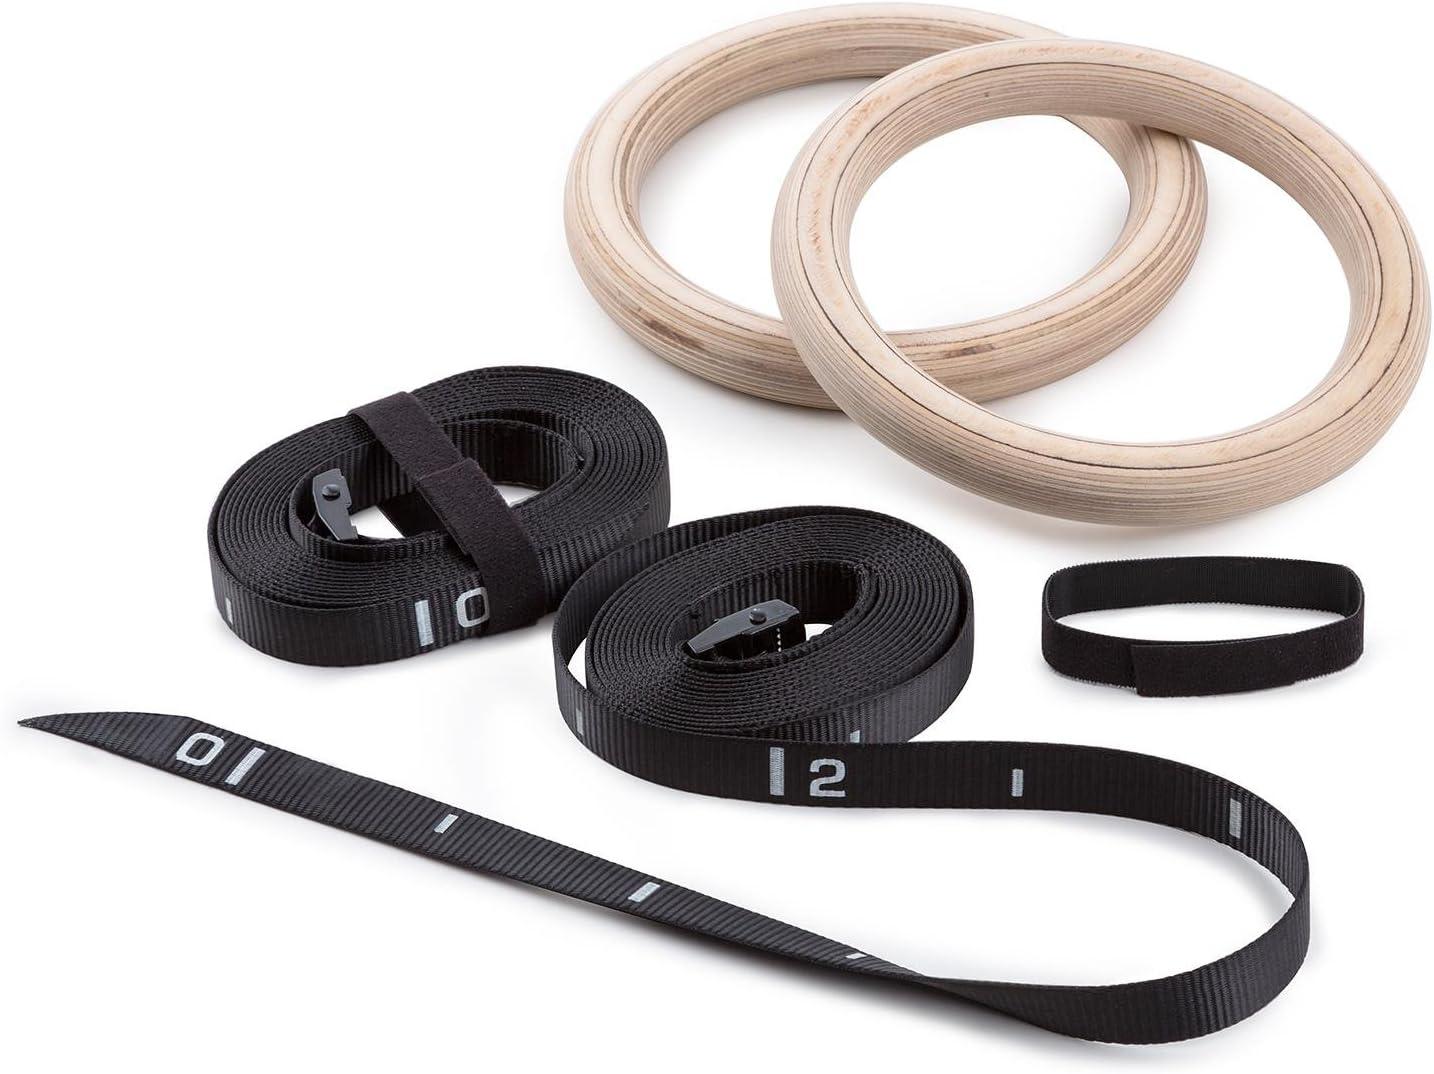 y anillos de gimnasia//par Sport con anillos de cuerda para ni/ños y adultos de madera de abedul cierre r/ápido, nylon correas, 23 cm de di/ámetro interior, 2,8 cm di/ámetro Capital sports anillos de gimnasia de madera acrobacias